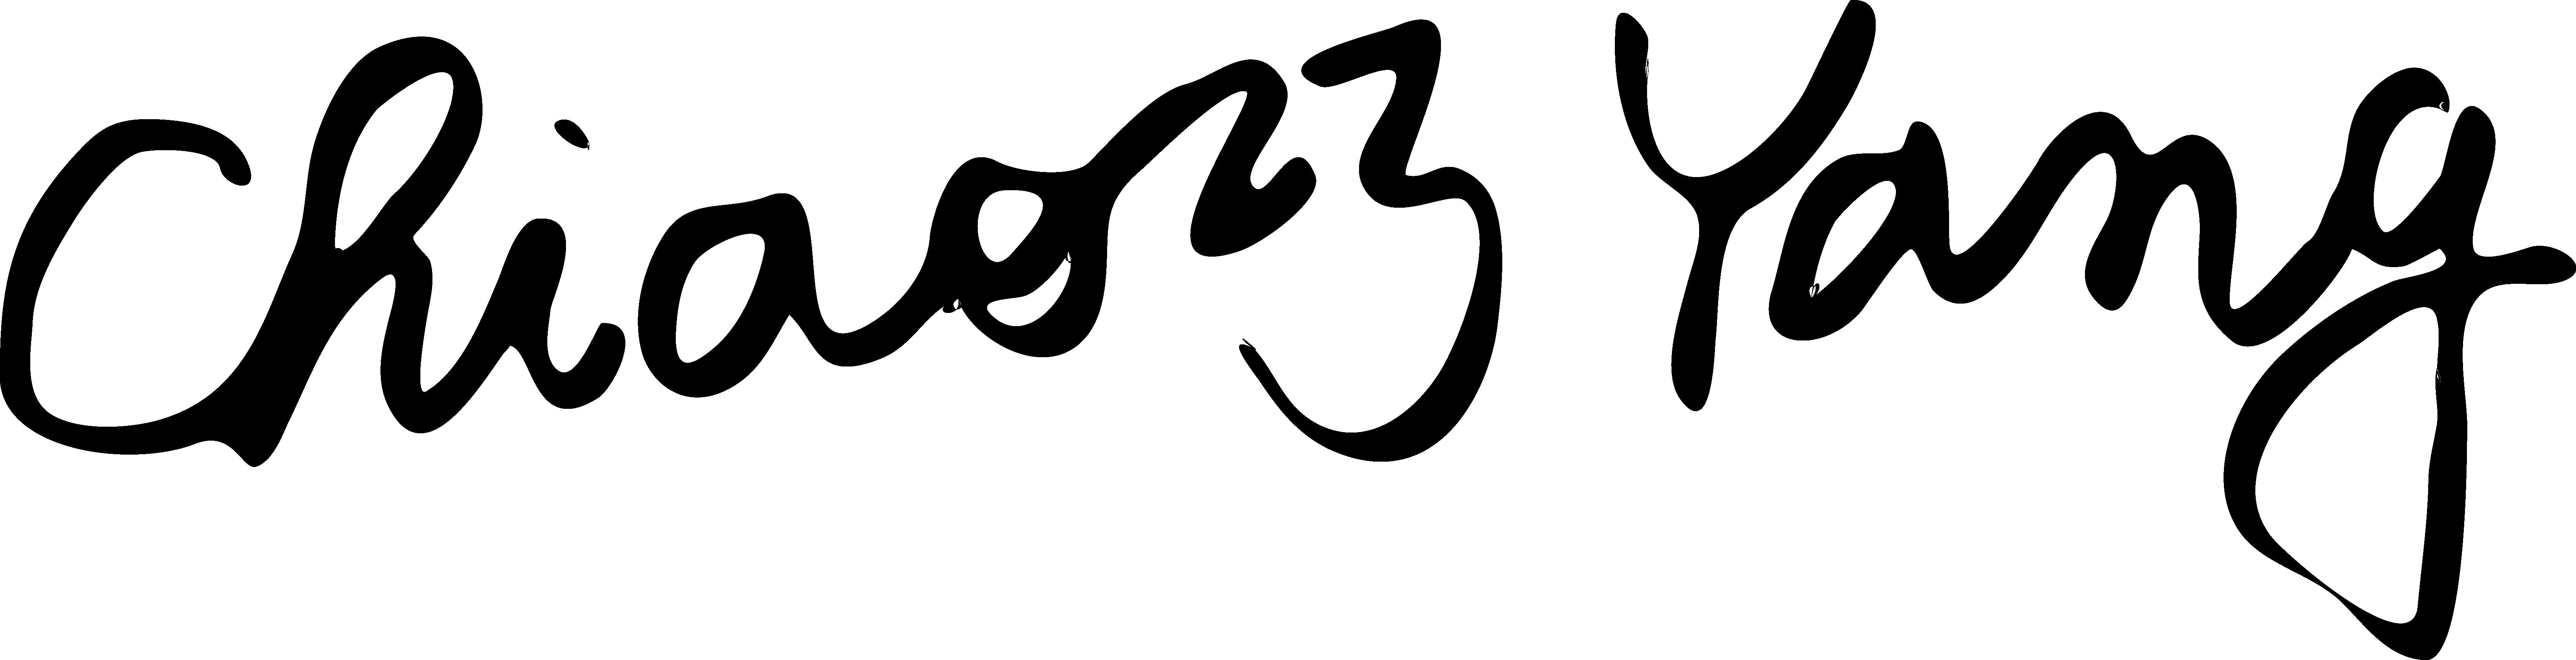 Chiao-Chiao Yang's Signature